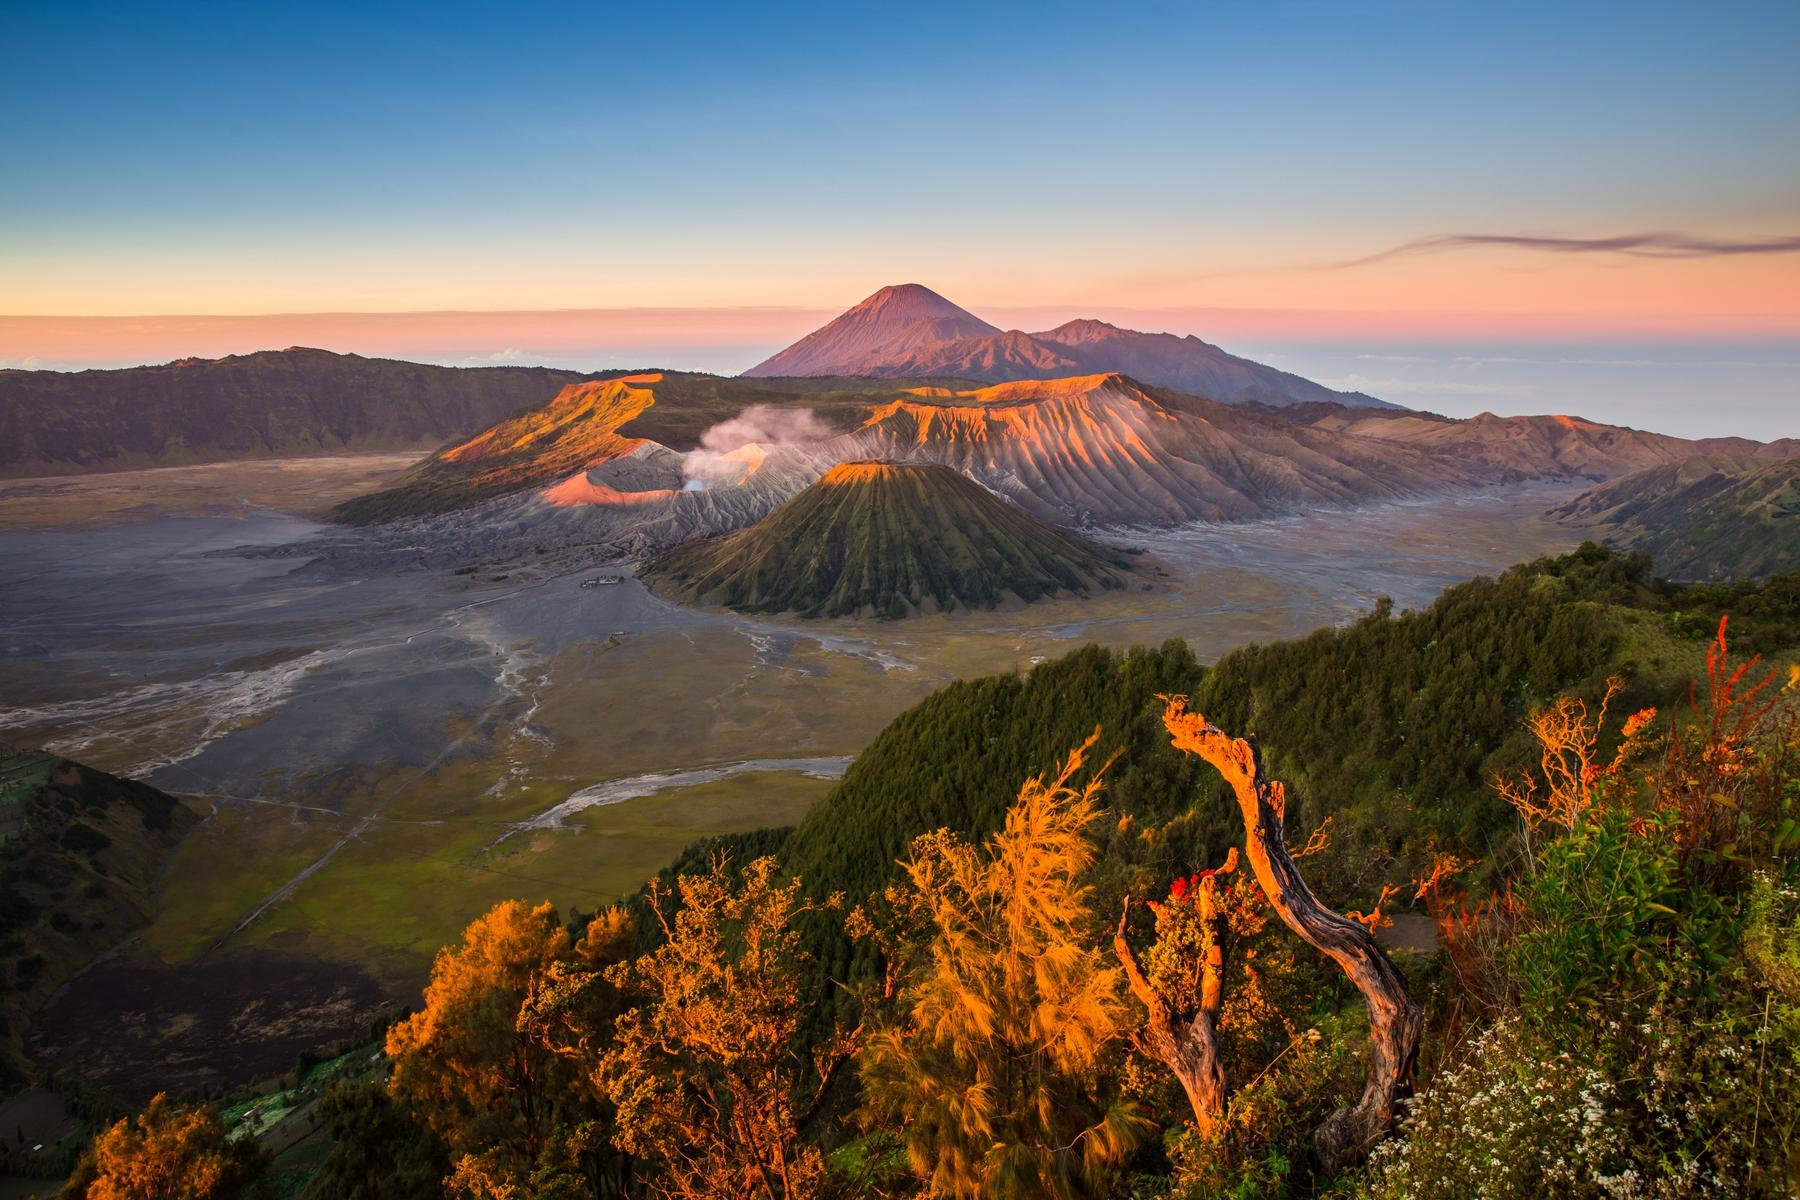 Страны мечты для незабываемых путешествий: Индонезия, остров Ява, рассвет с видом на вулкан Бромо